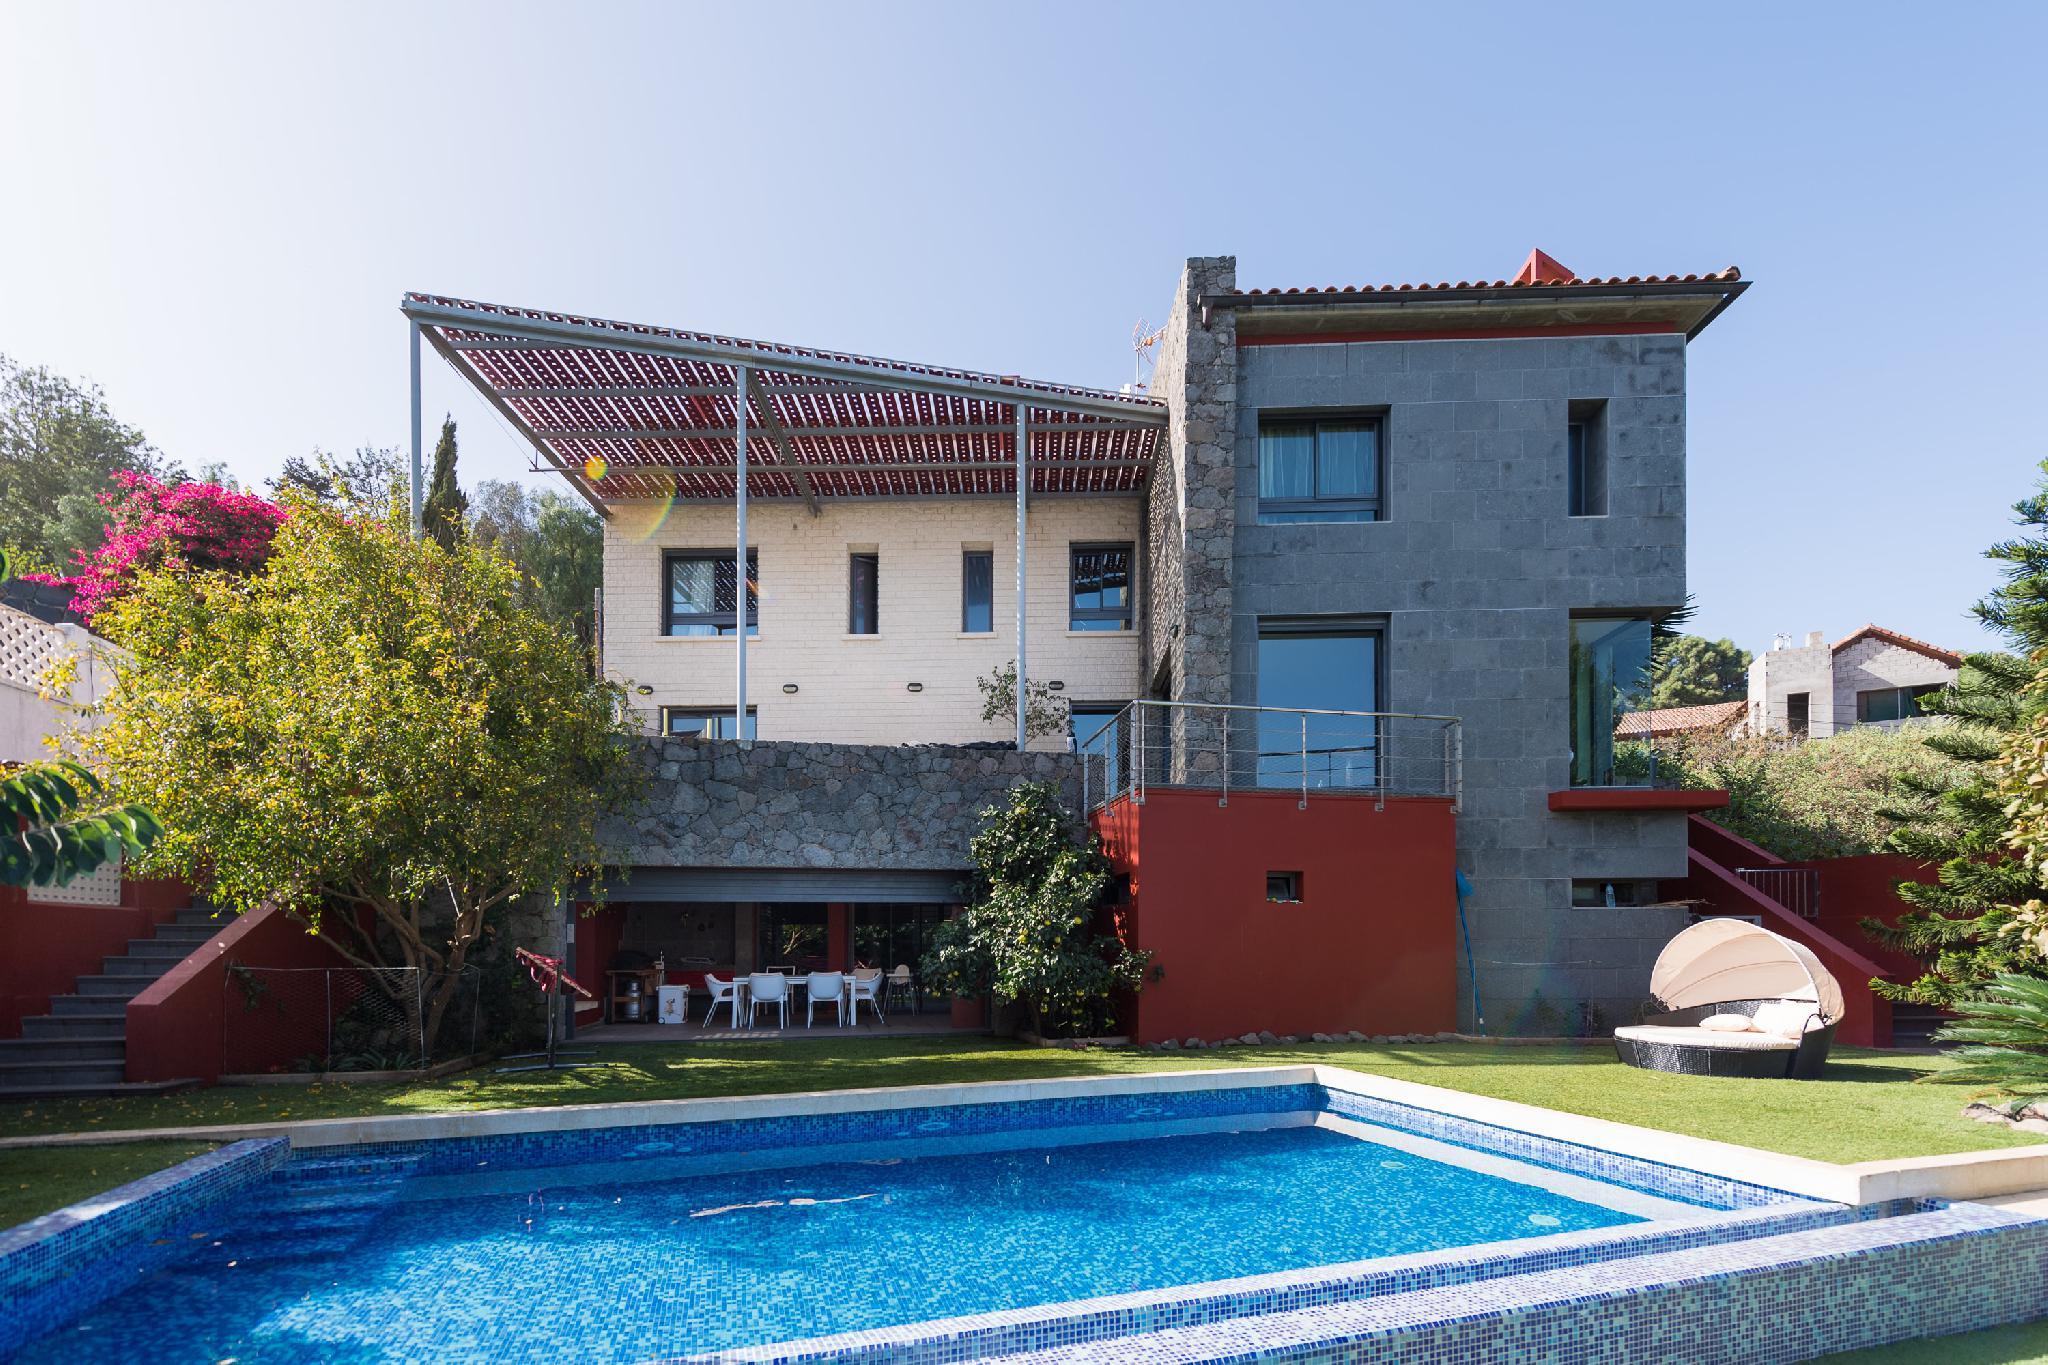 223460 - Zona residencial de Bandama